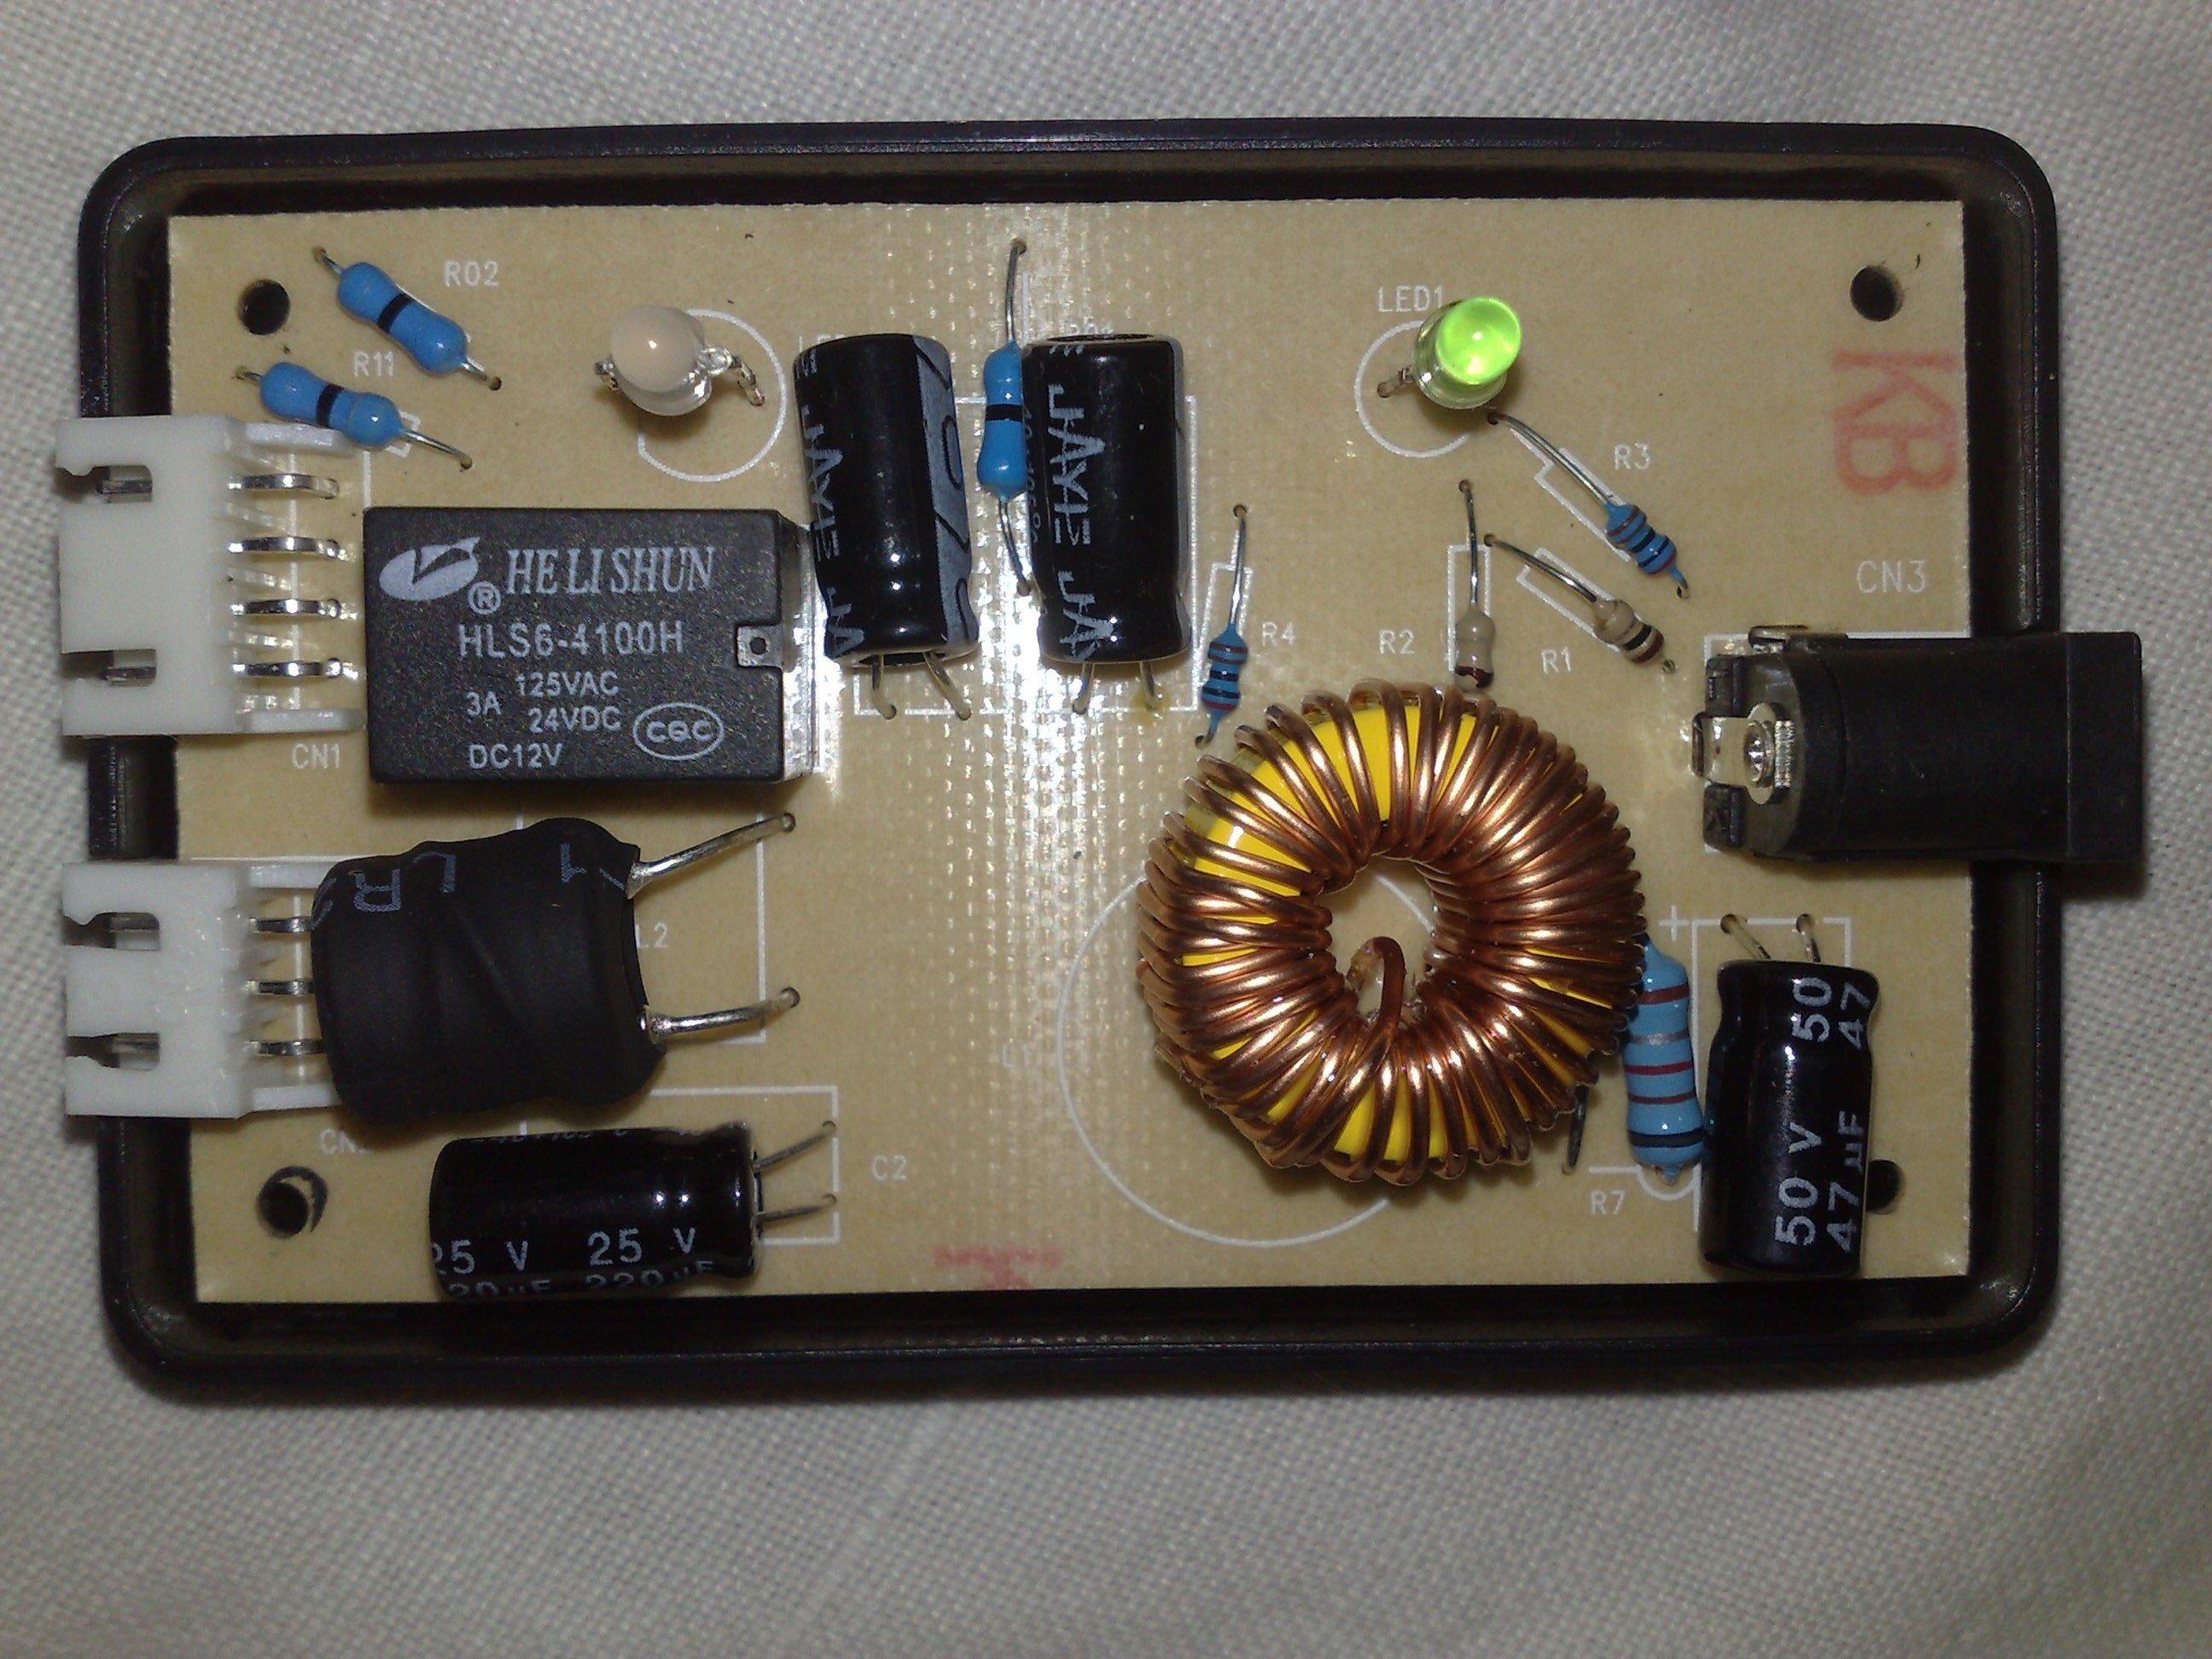 Балансир для аккумуляторов своими руками видео